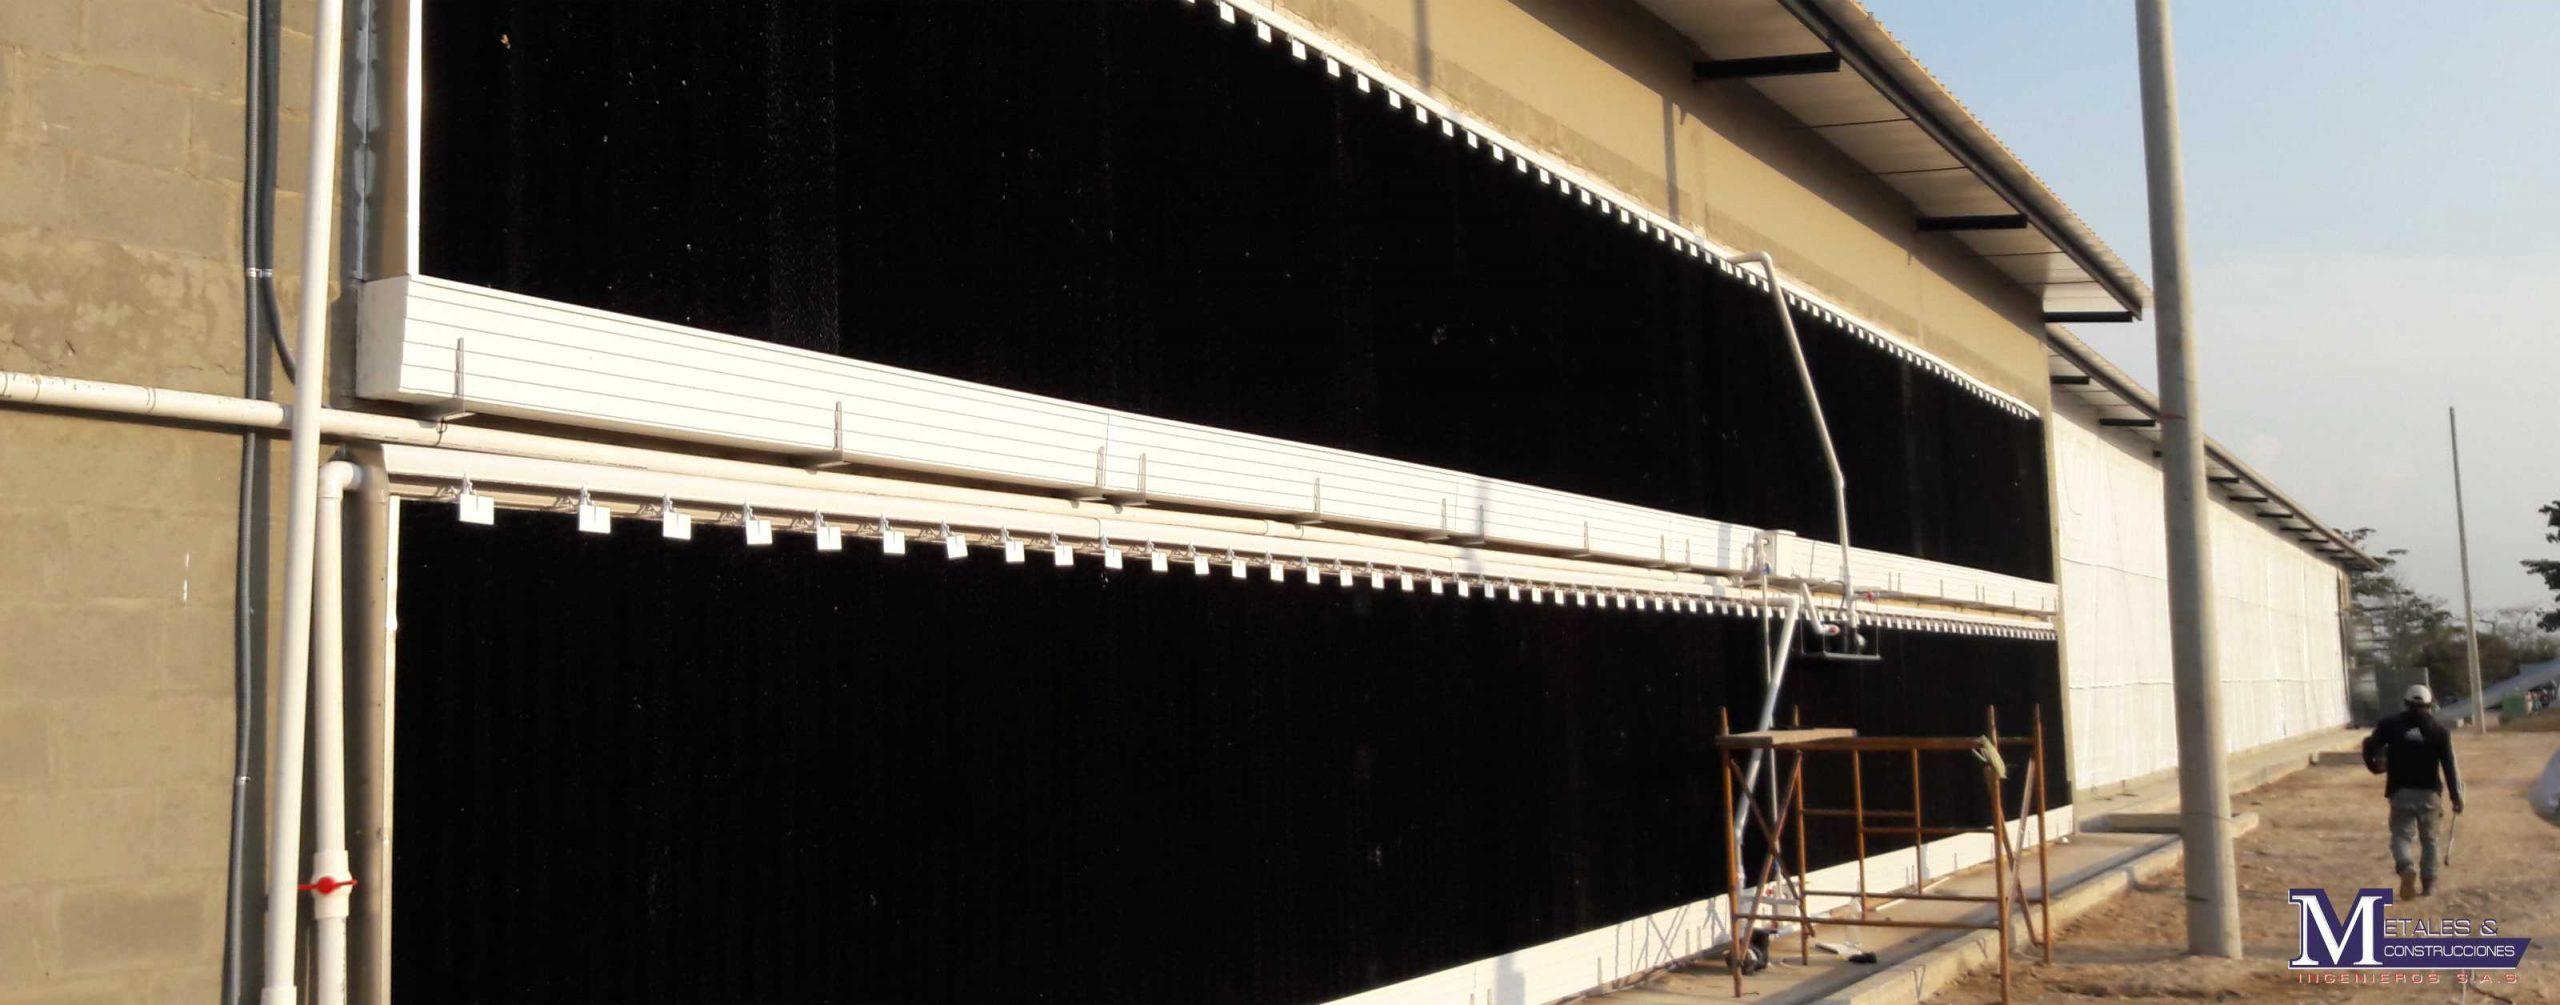 Banner Ambienyr Controlado Metale y Construcciones 2001